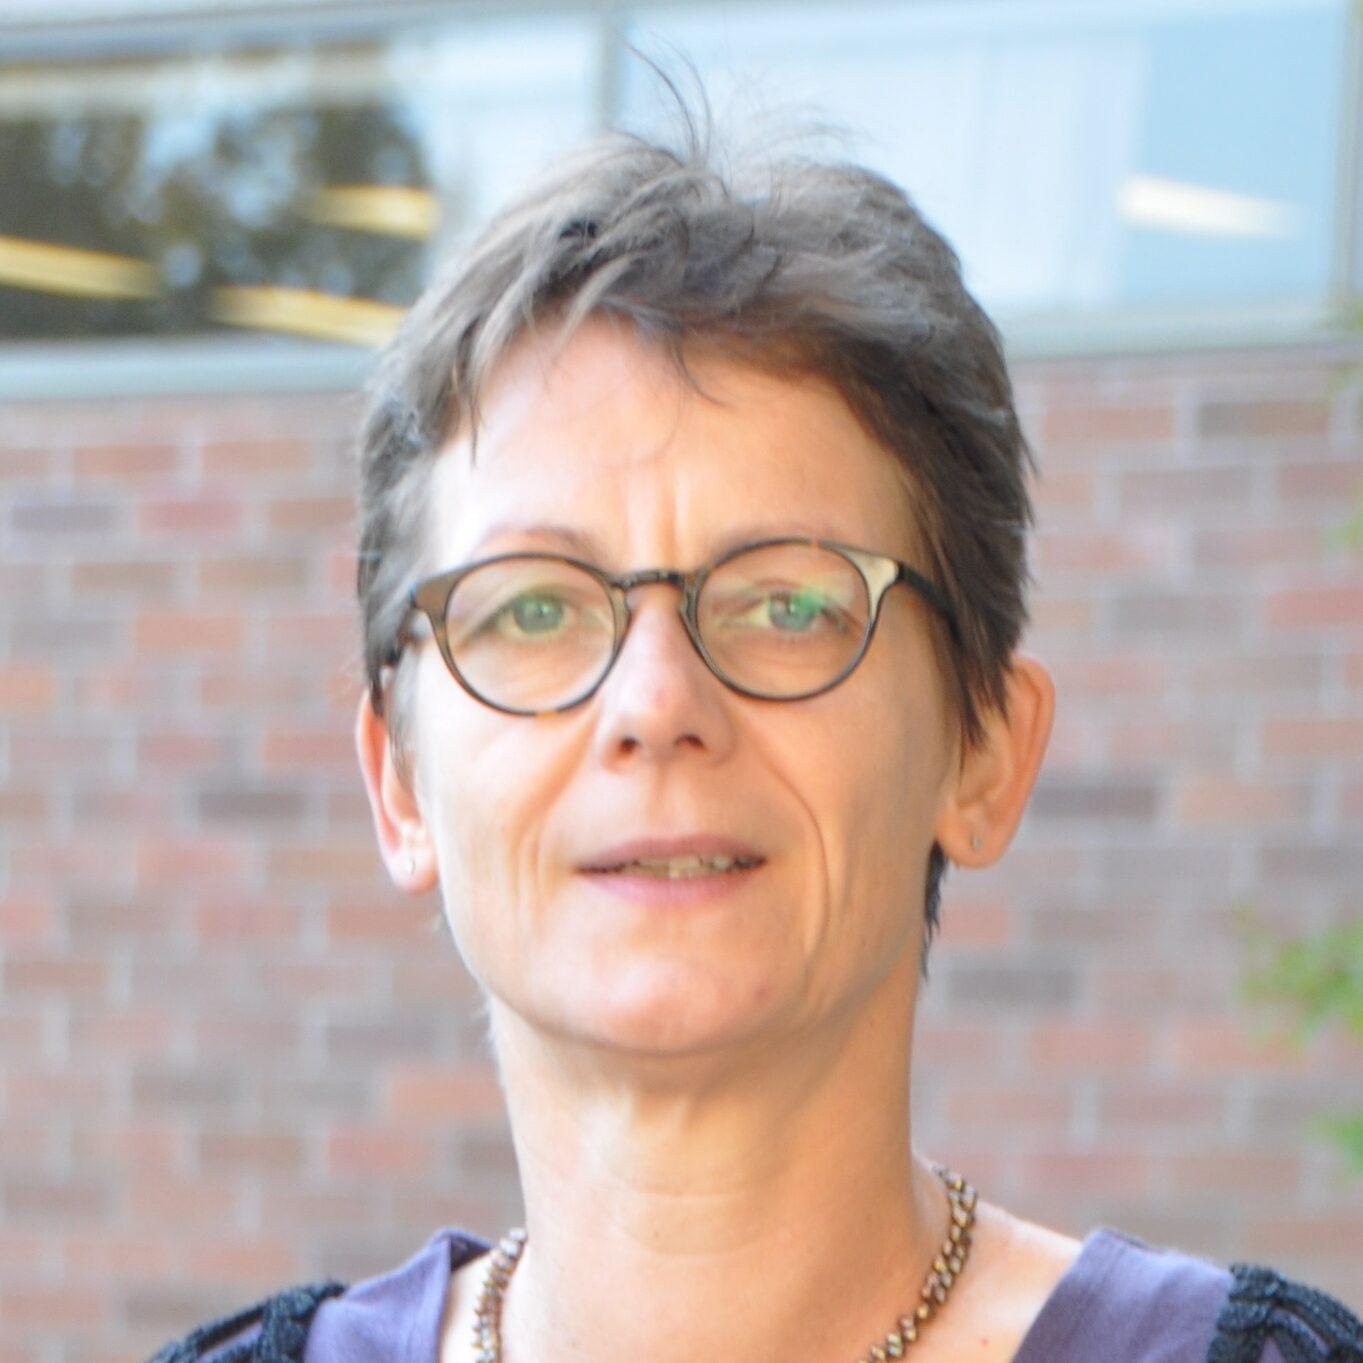 Bettina Schempf